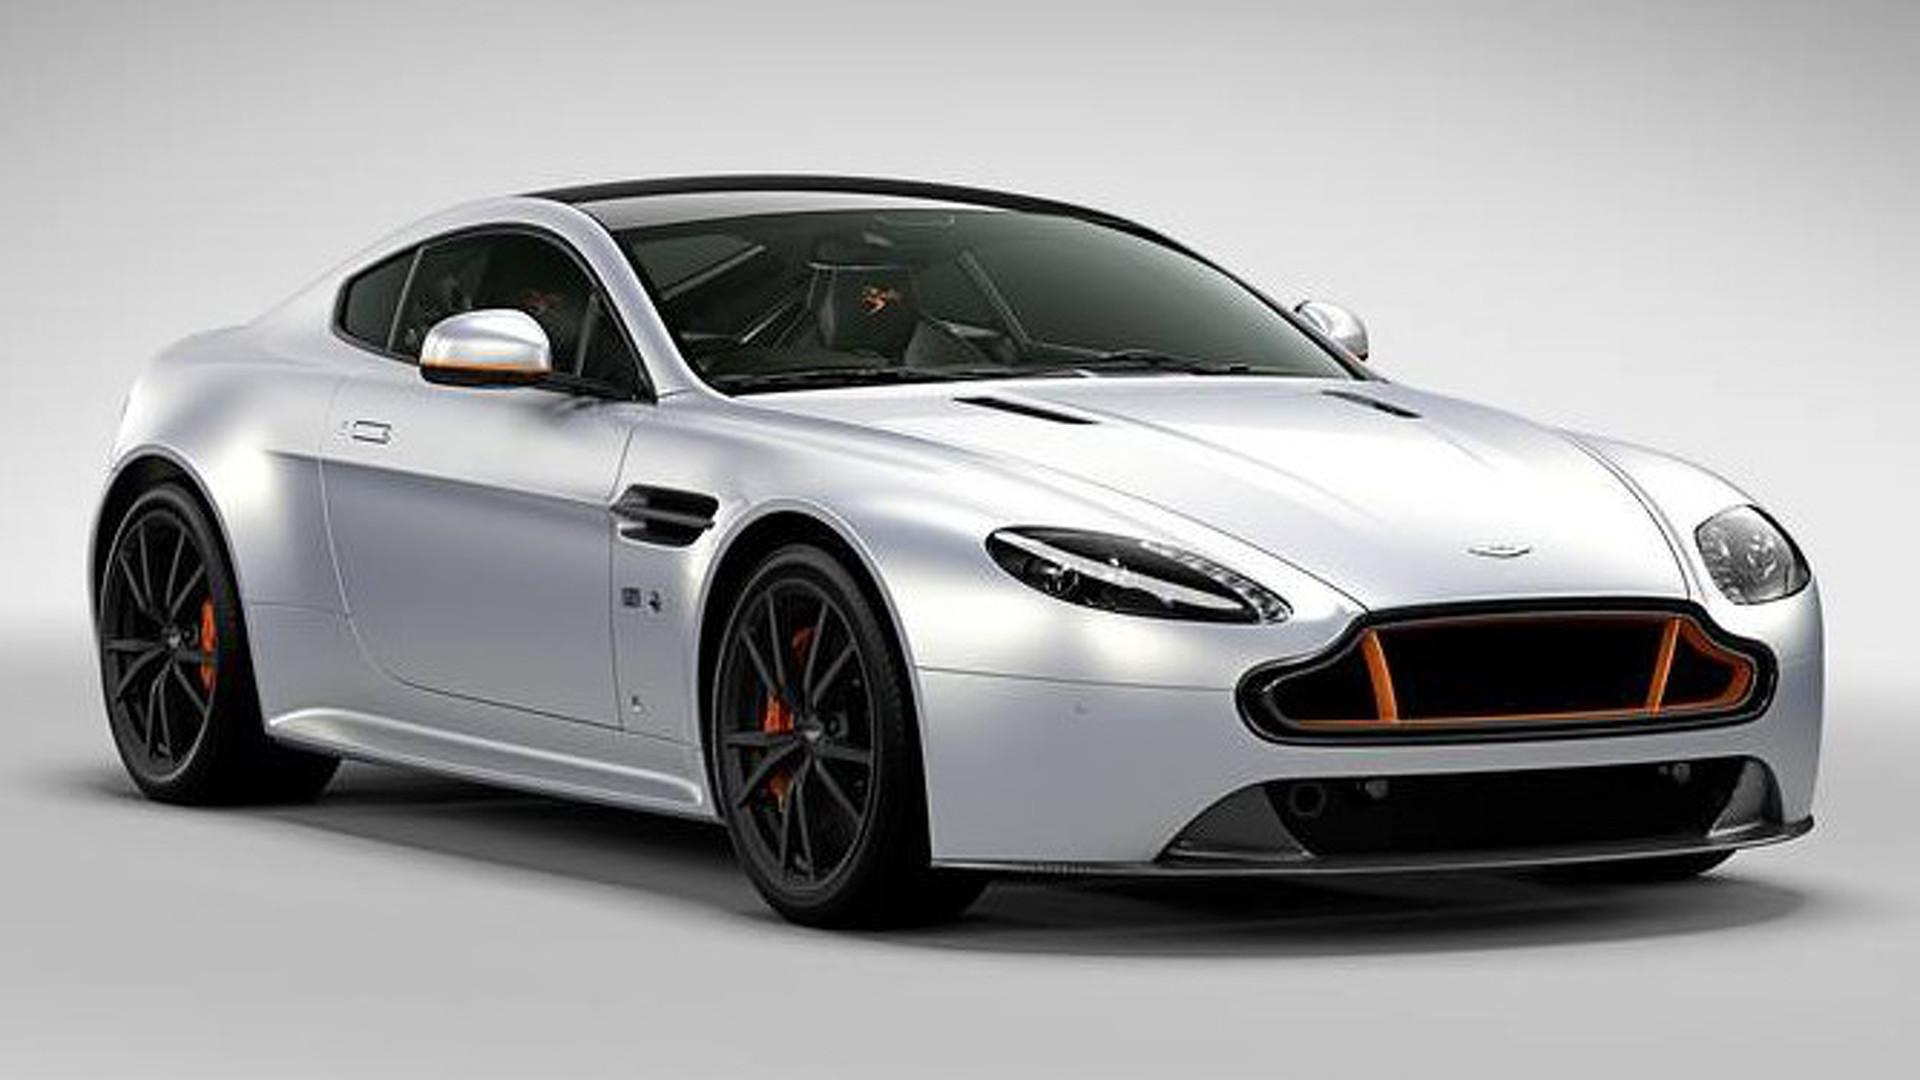 Aston Martin V Vantage S Blades Edition Introduced Video - Aston martin v8 vantage s